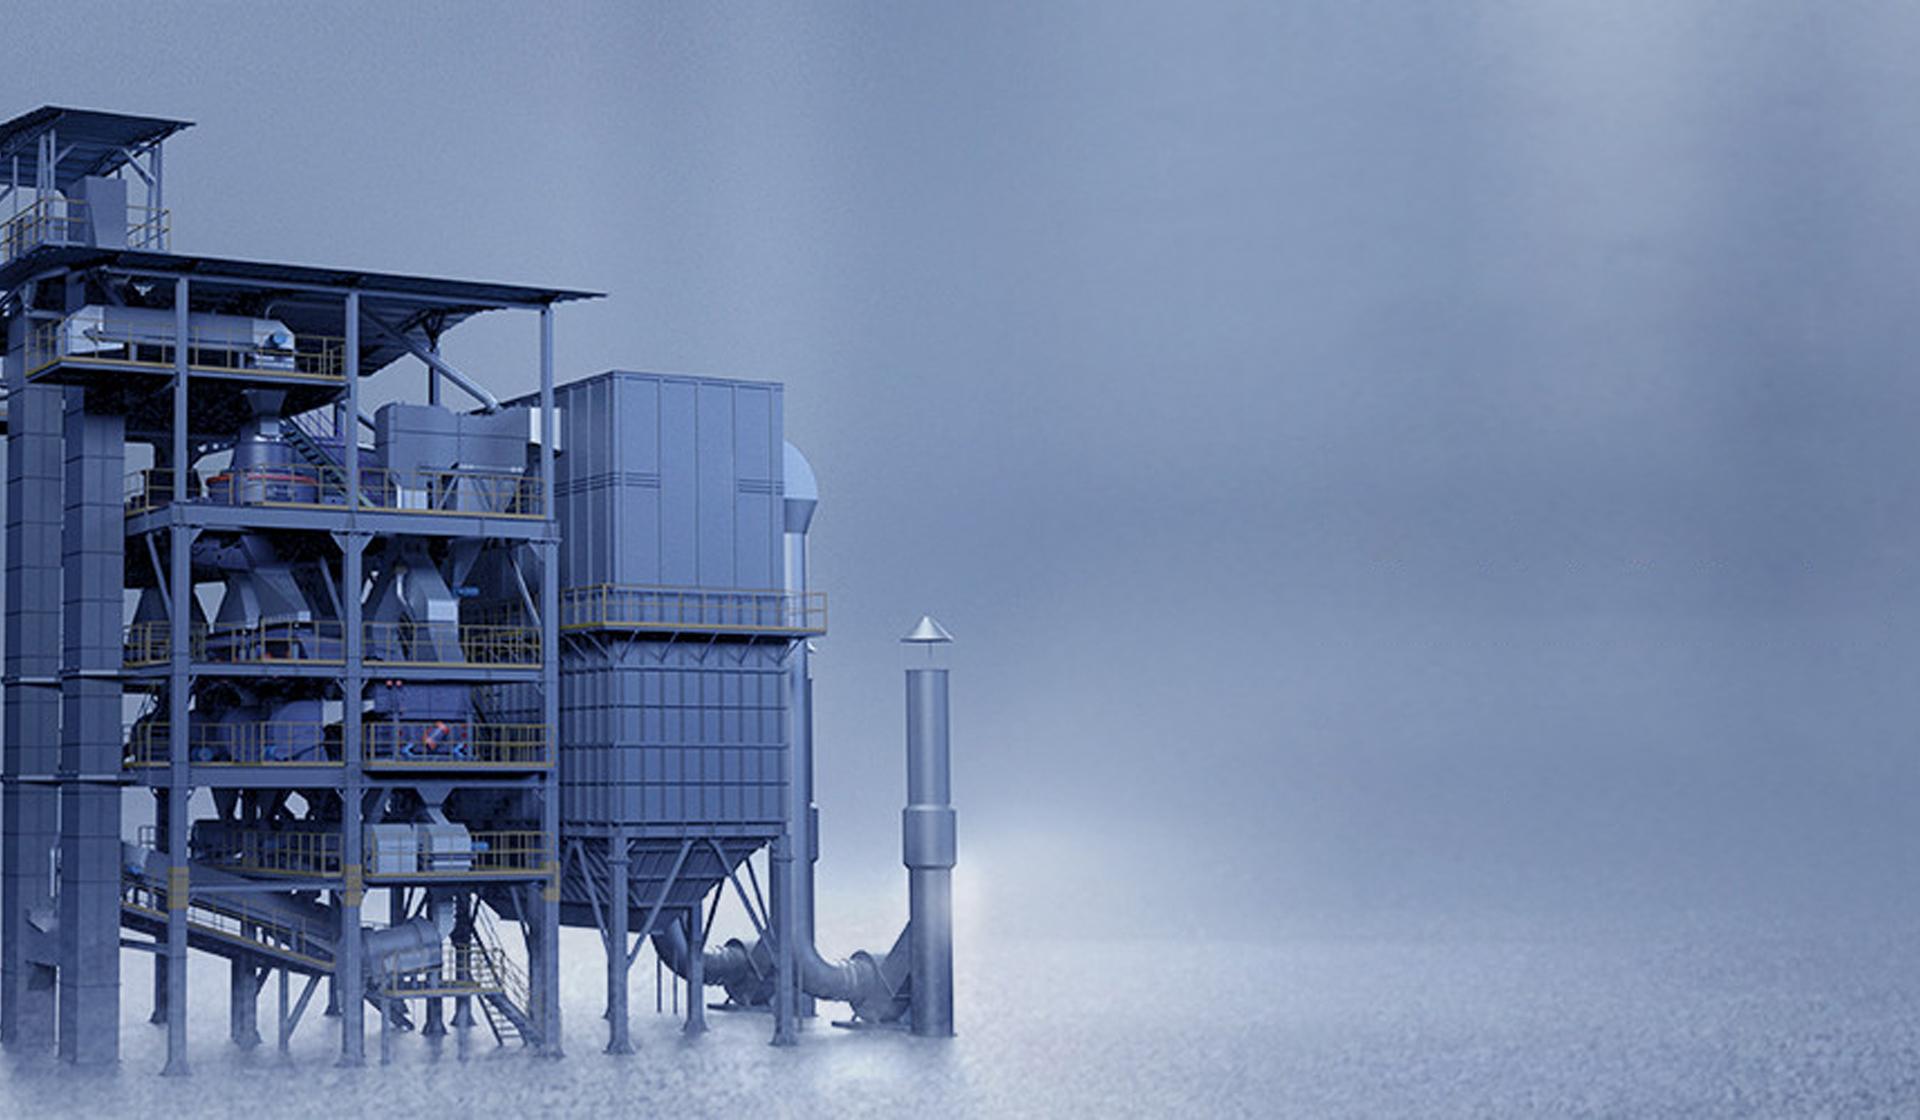 湖北襄控机电工程设备有限公司智能移动制砂机 洛阳好前景获得广大消费者的喜爱